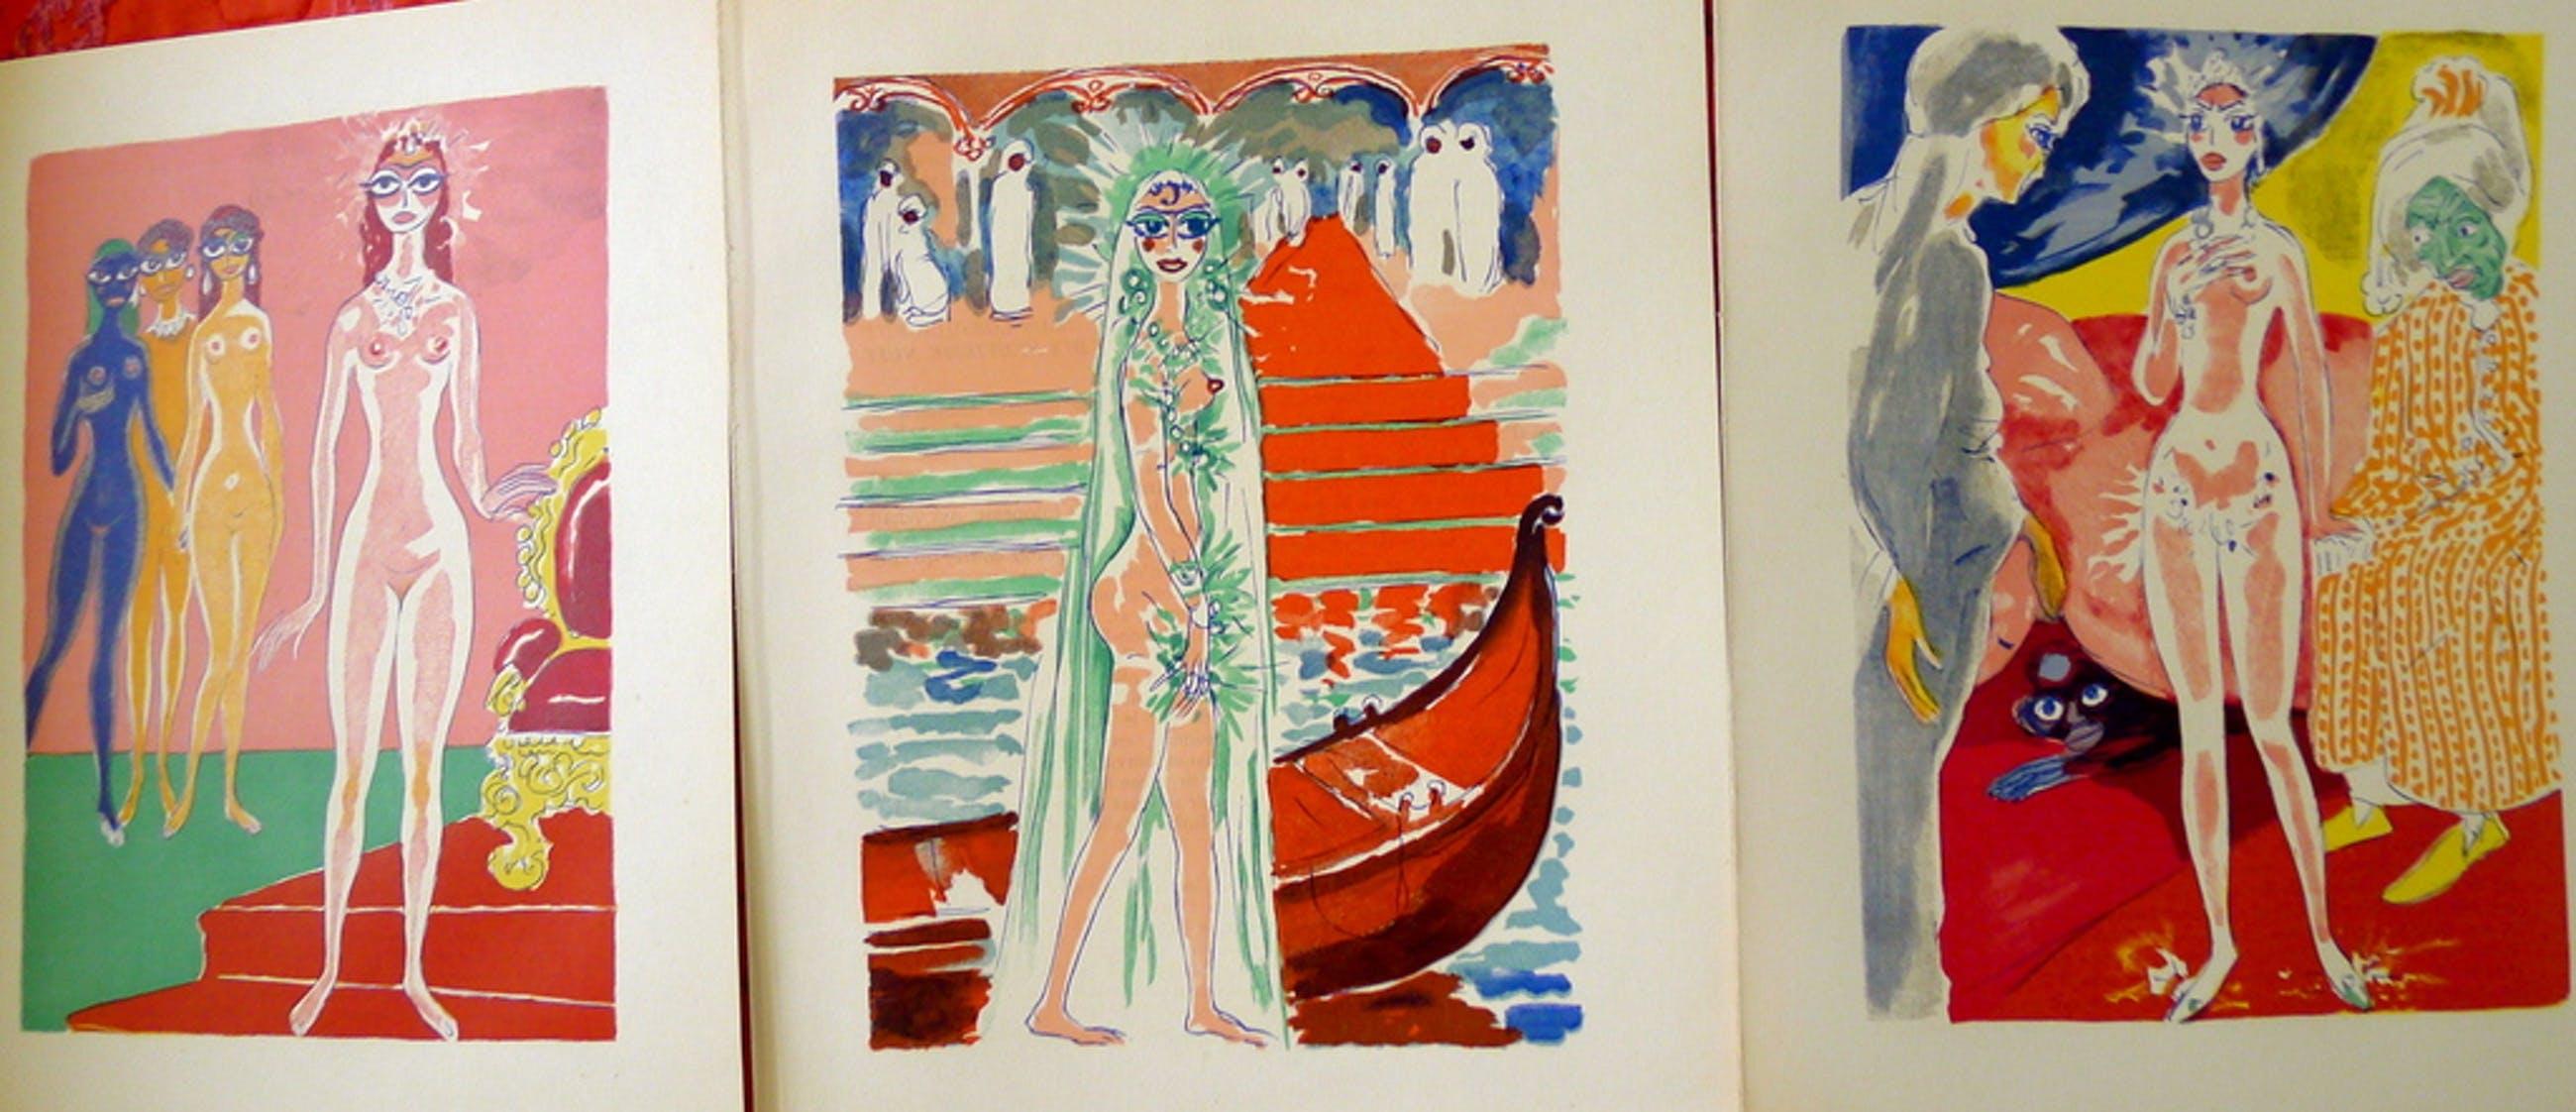 Kees van Dongen,drie houtgravures uit deel drie van 1001 Nacht,1955 kopen? Bied vanaf 45!